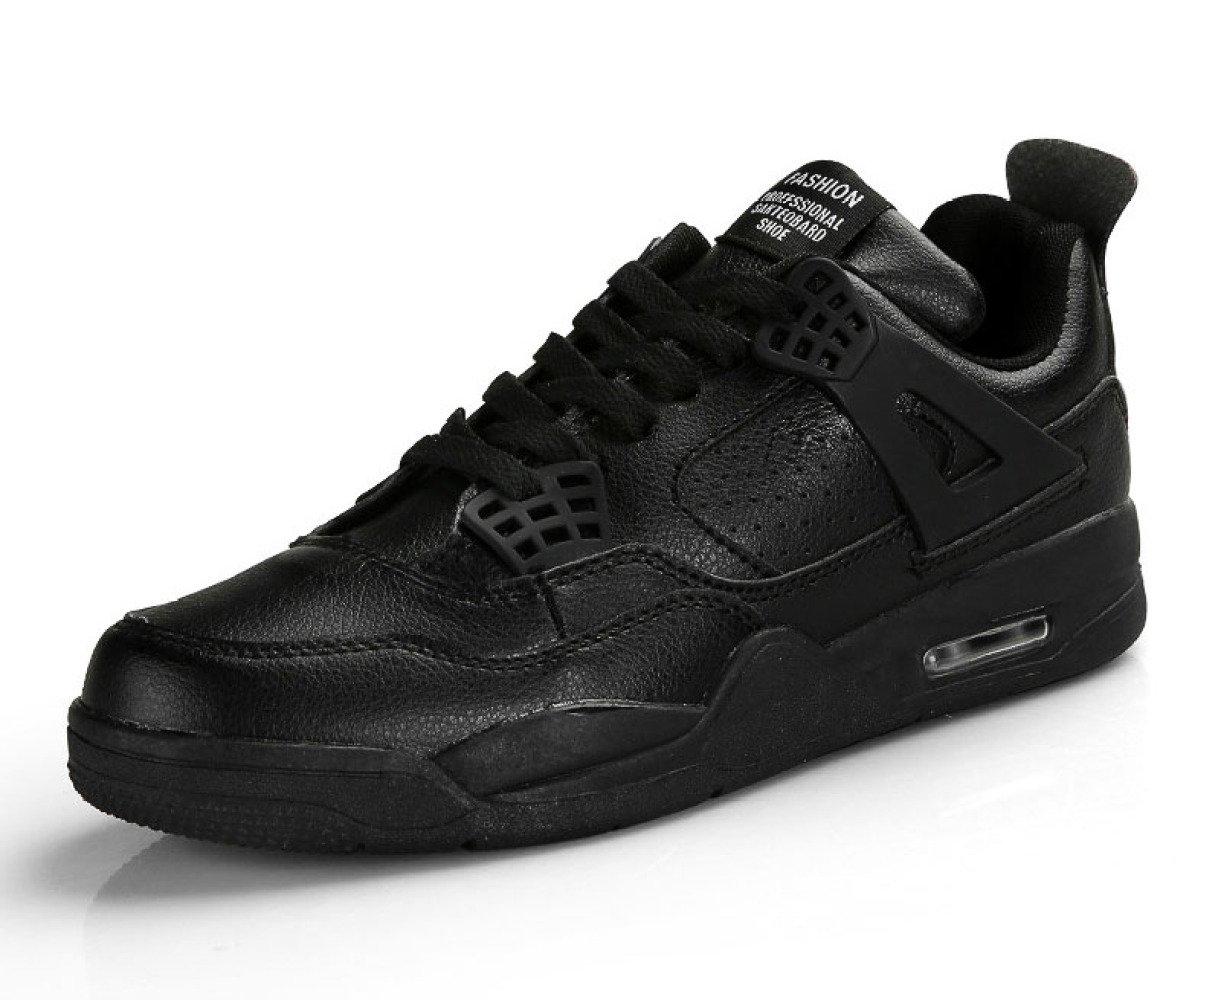 MUYII Zapatillas De Deporte De Moda Zapatillas De Skate Zapatillas De Deporte Con Cordones Zapatillas De Deporte De Calle Zapatillas De Exterior,Black-EU37 EU37|Black